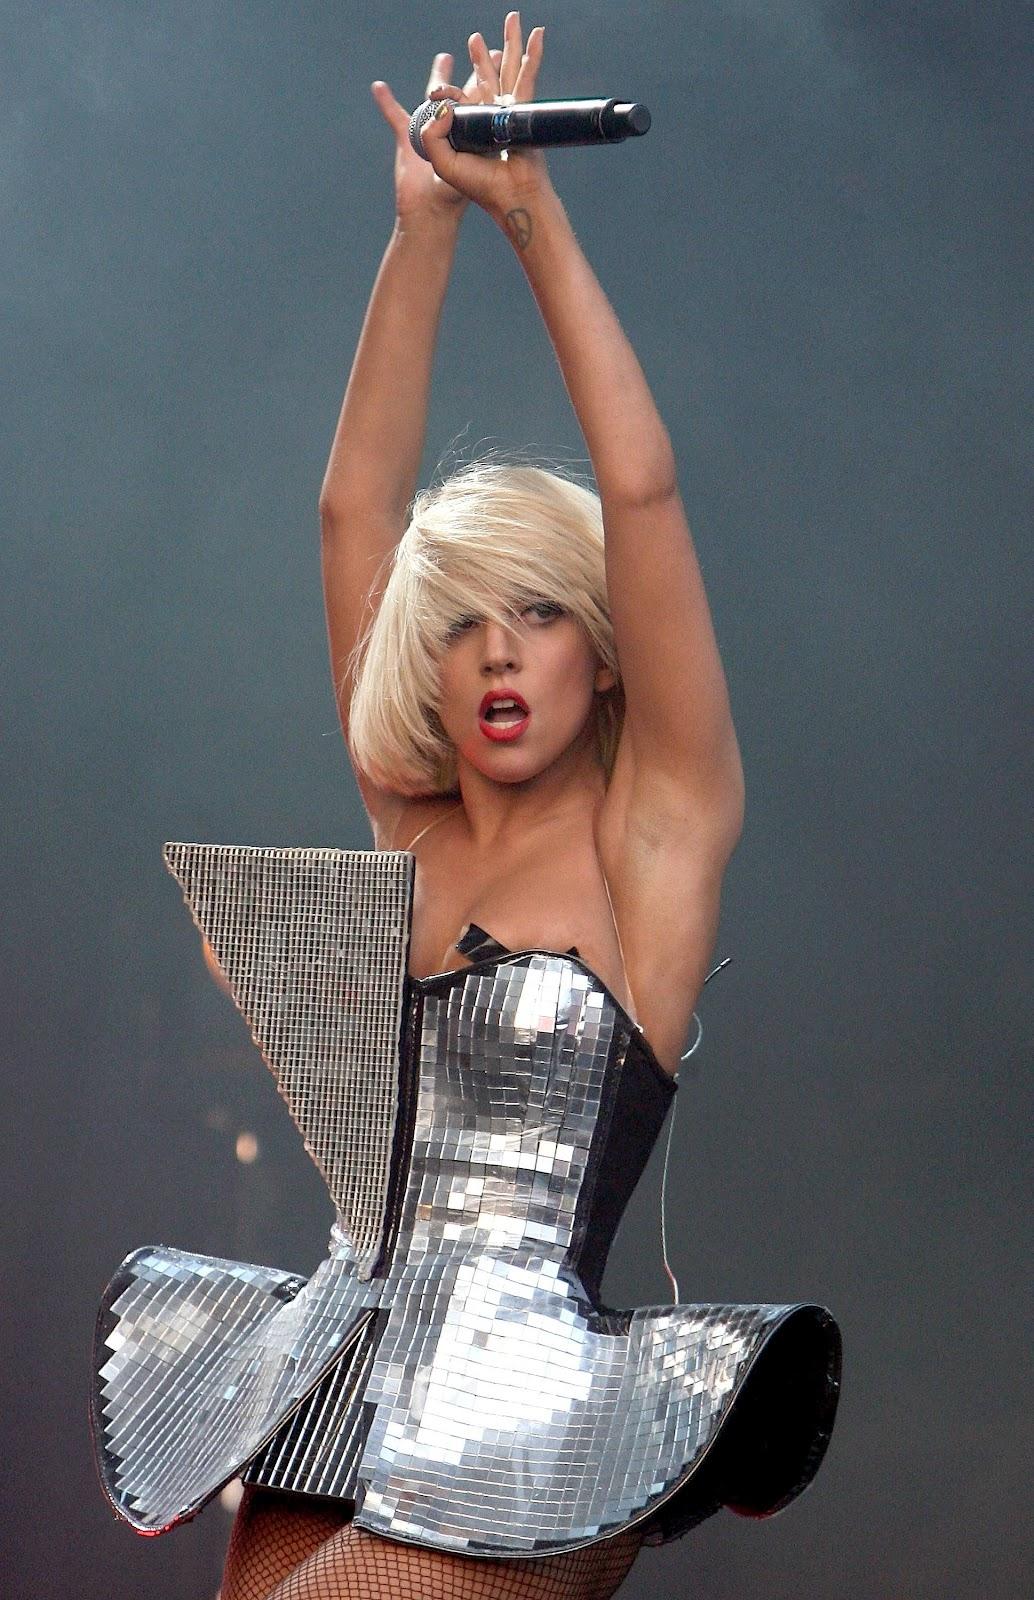 http://4.bp.blogspot.com/-NHFdgiIZYac/TztmpZFUpII/AAAAAAAAPHs/nBdTVx3PJ7E/s1600/Lady+Gaga+Hairstyle+(291).jpg